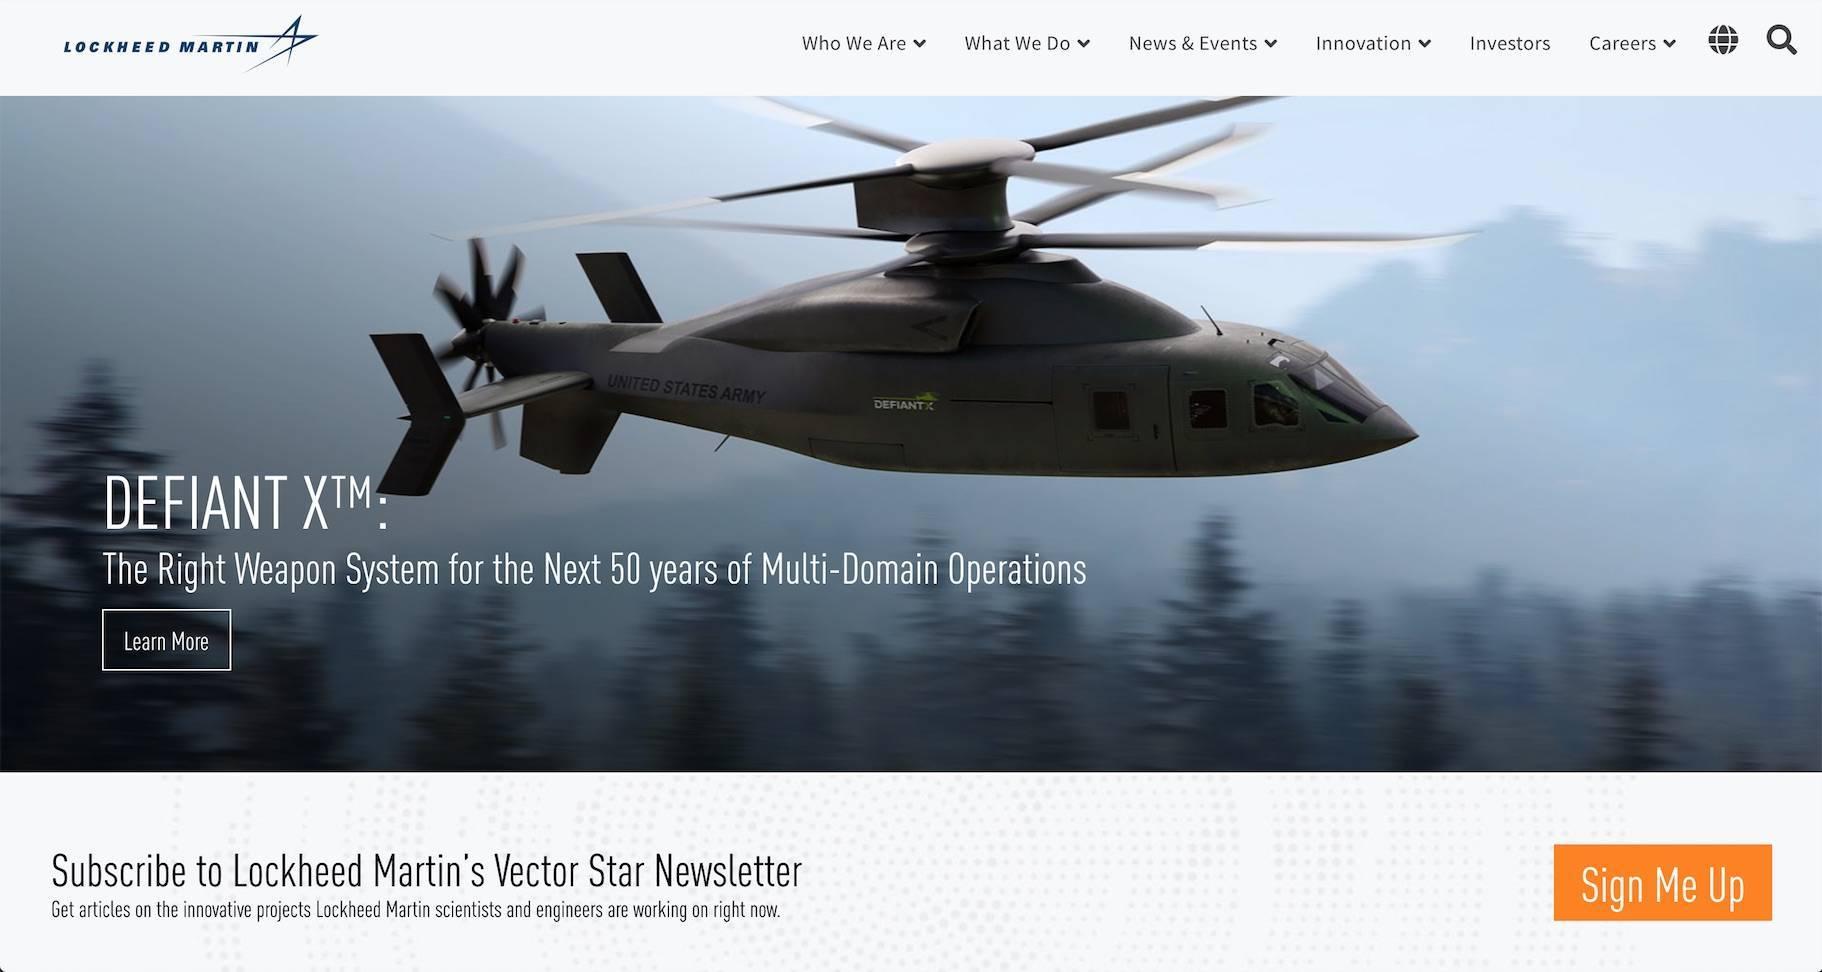 洛克希德马丁制造网站主页的图像,其中包含直升机的高质量照片